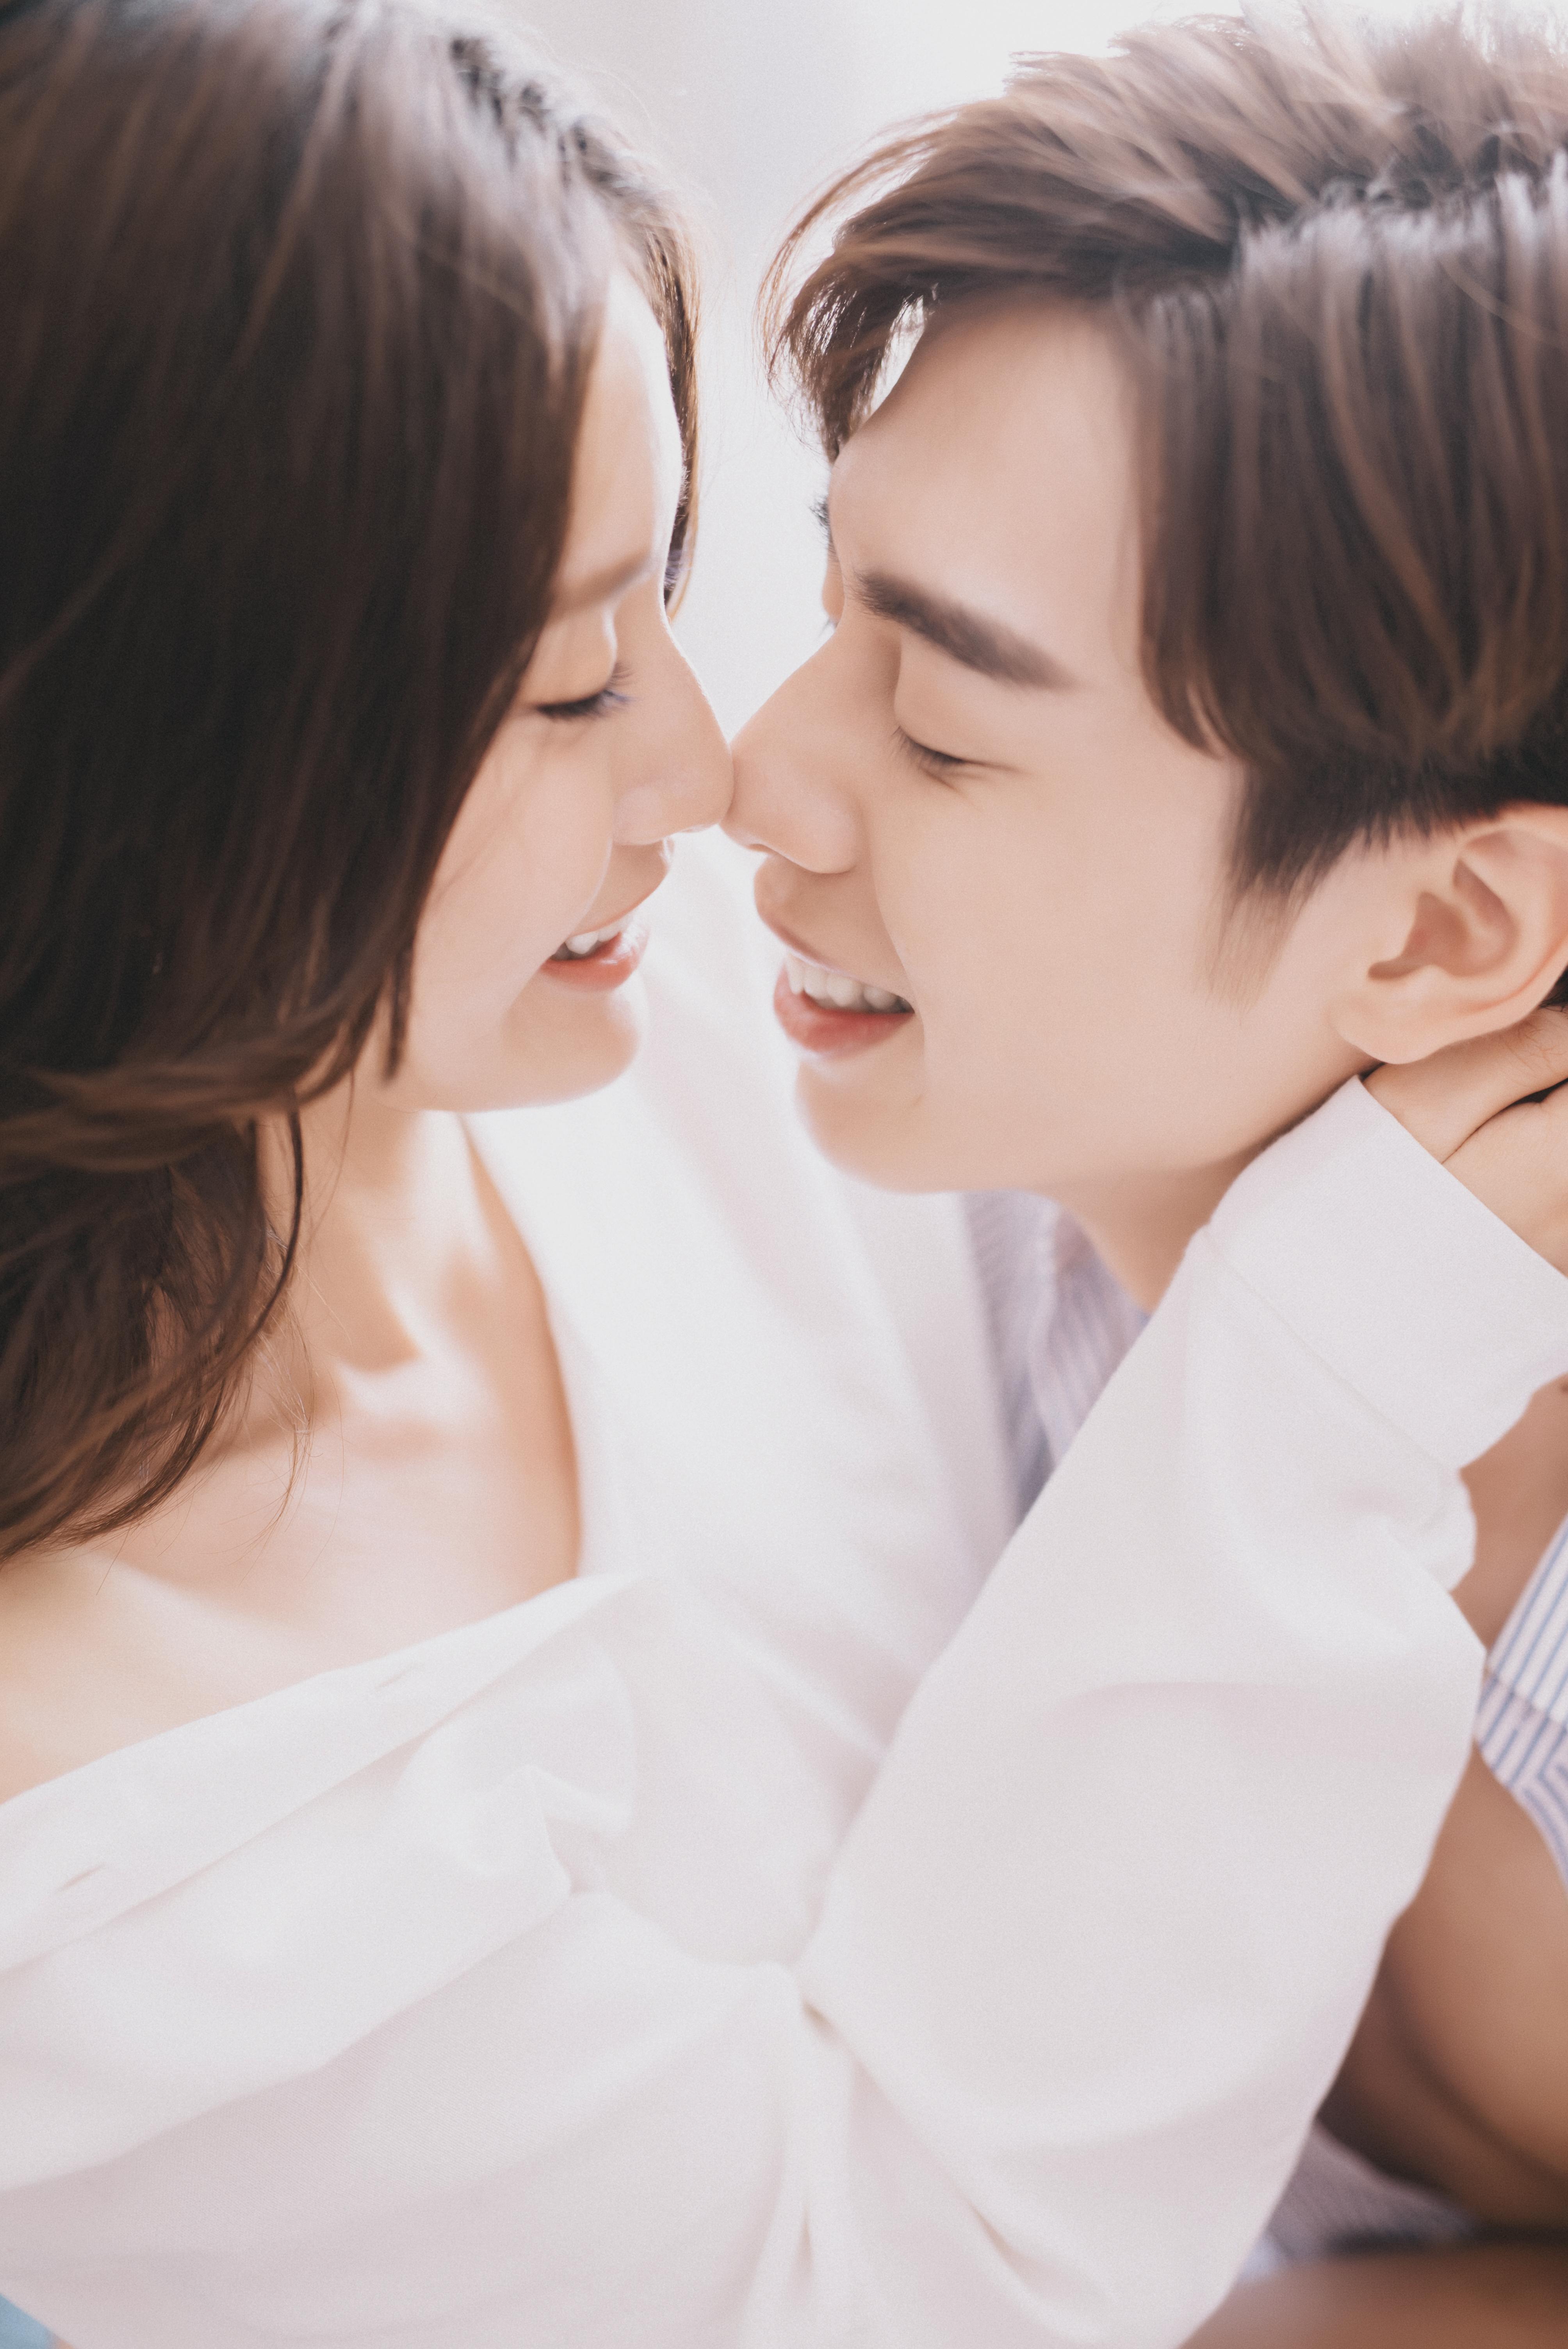 情侶寫真 - 容&翔